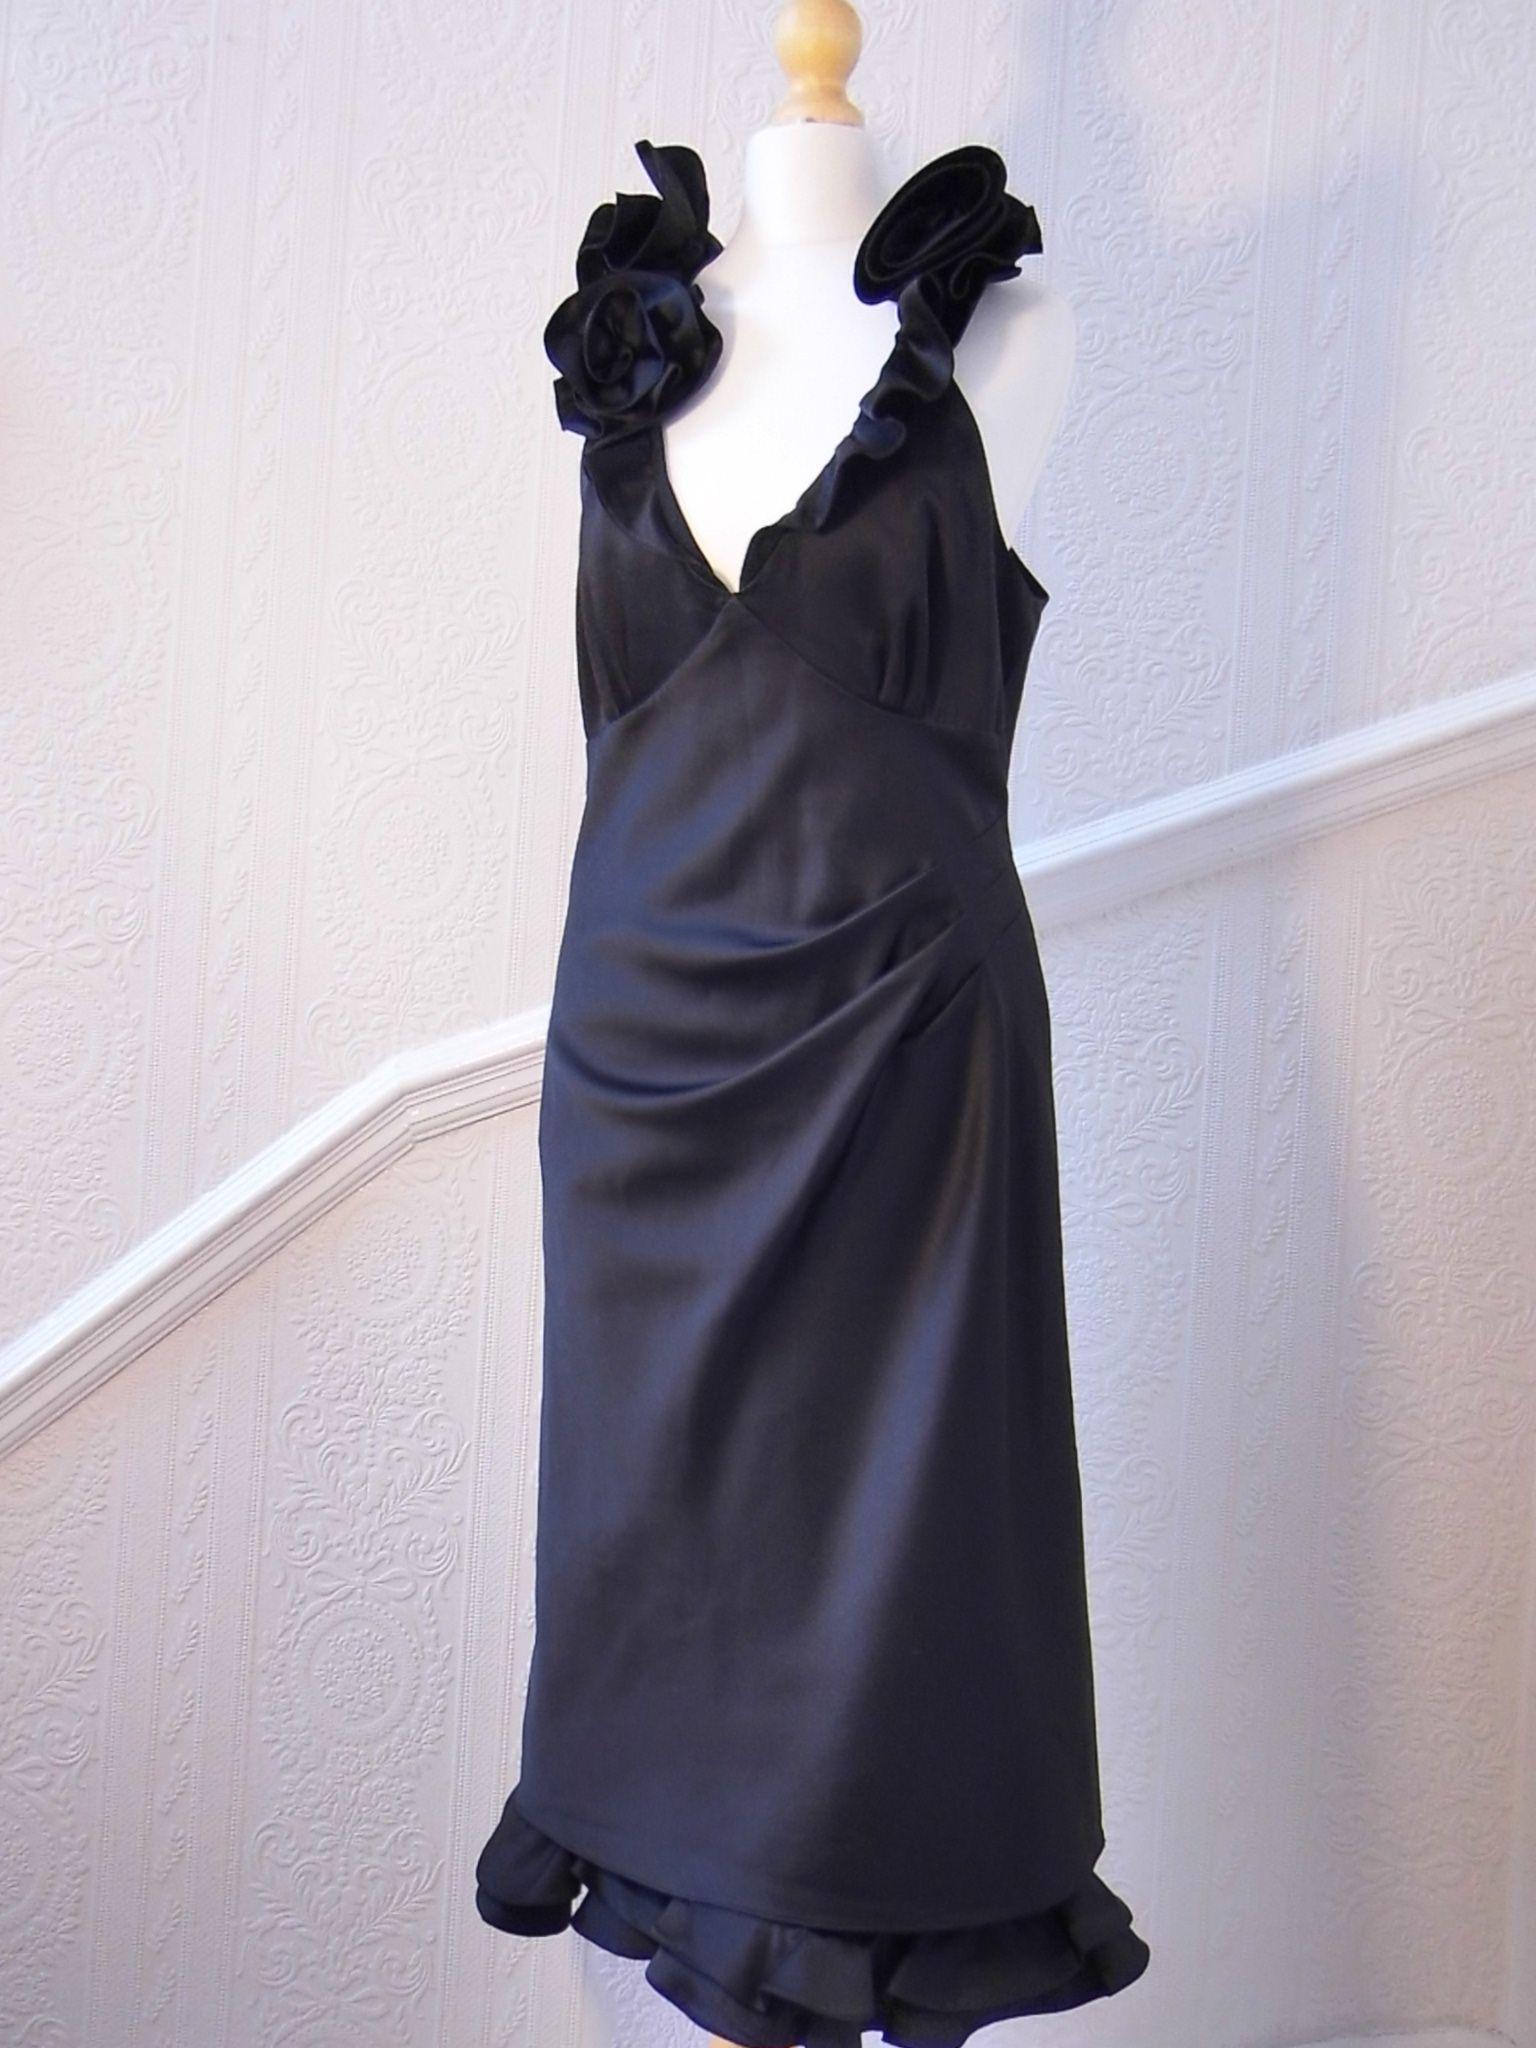 Exquisite KAREN MILLEN satin dress floral neckline detail (Size 12)  Visit our Facebook eBay shop or click here : http://www.ebay.co.uk/itm/251495953730?ssPageName=STRK%3AMESELX%3AIT&_trksid=p3984.m1555.l2649